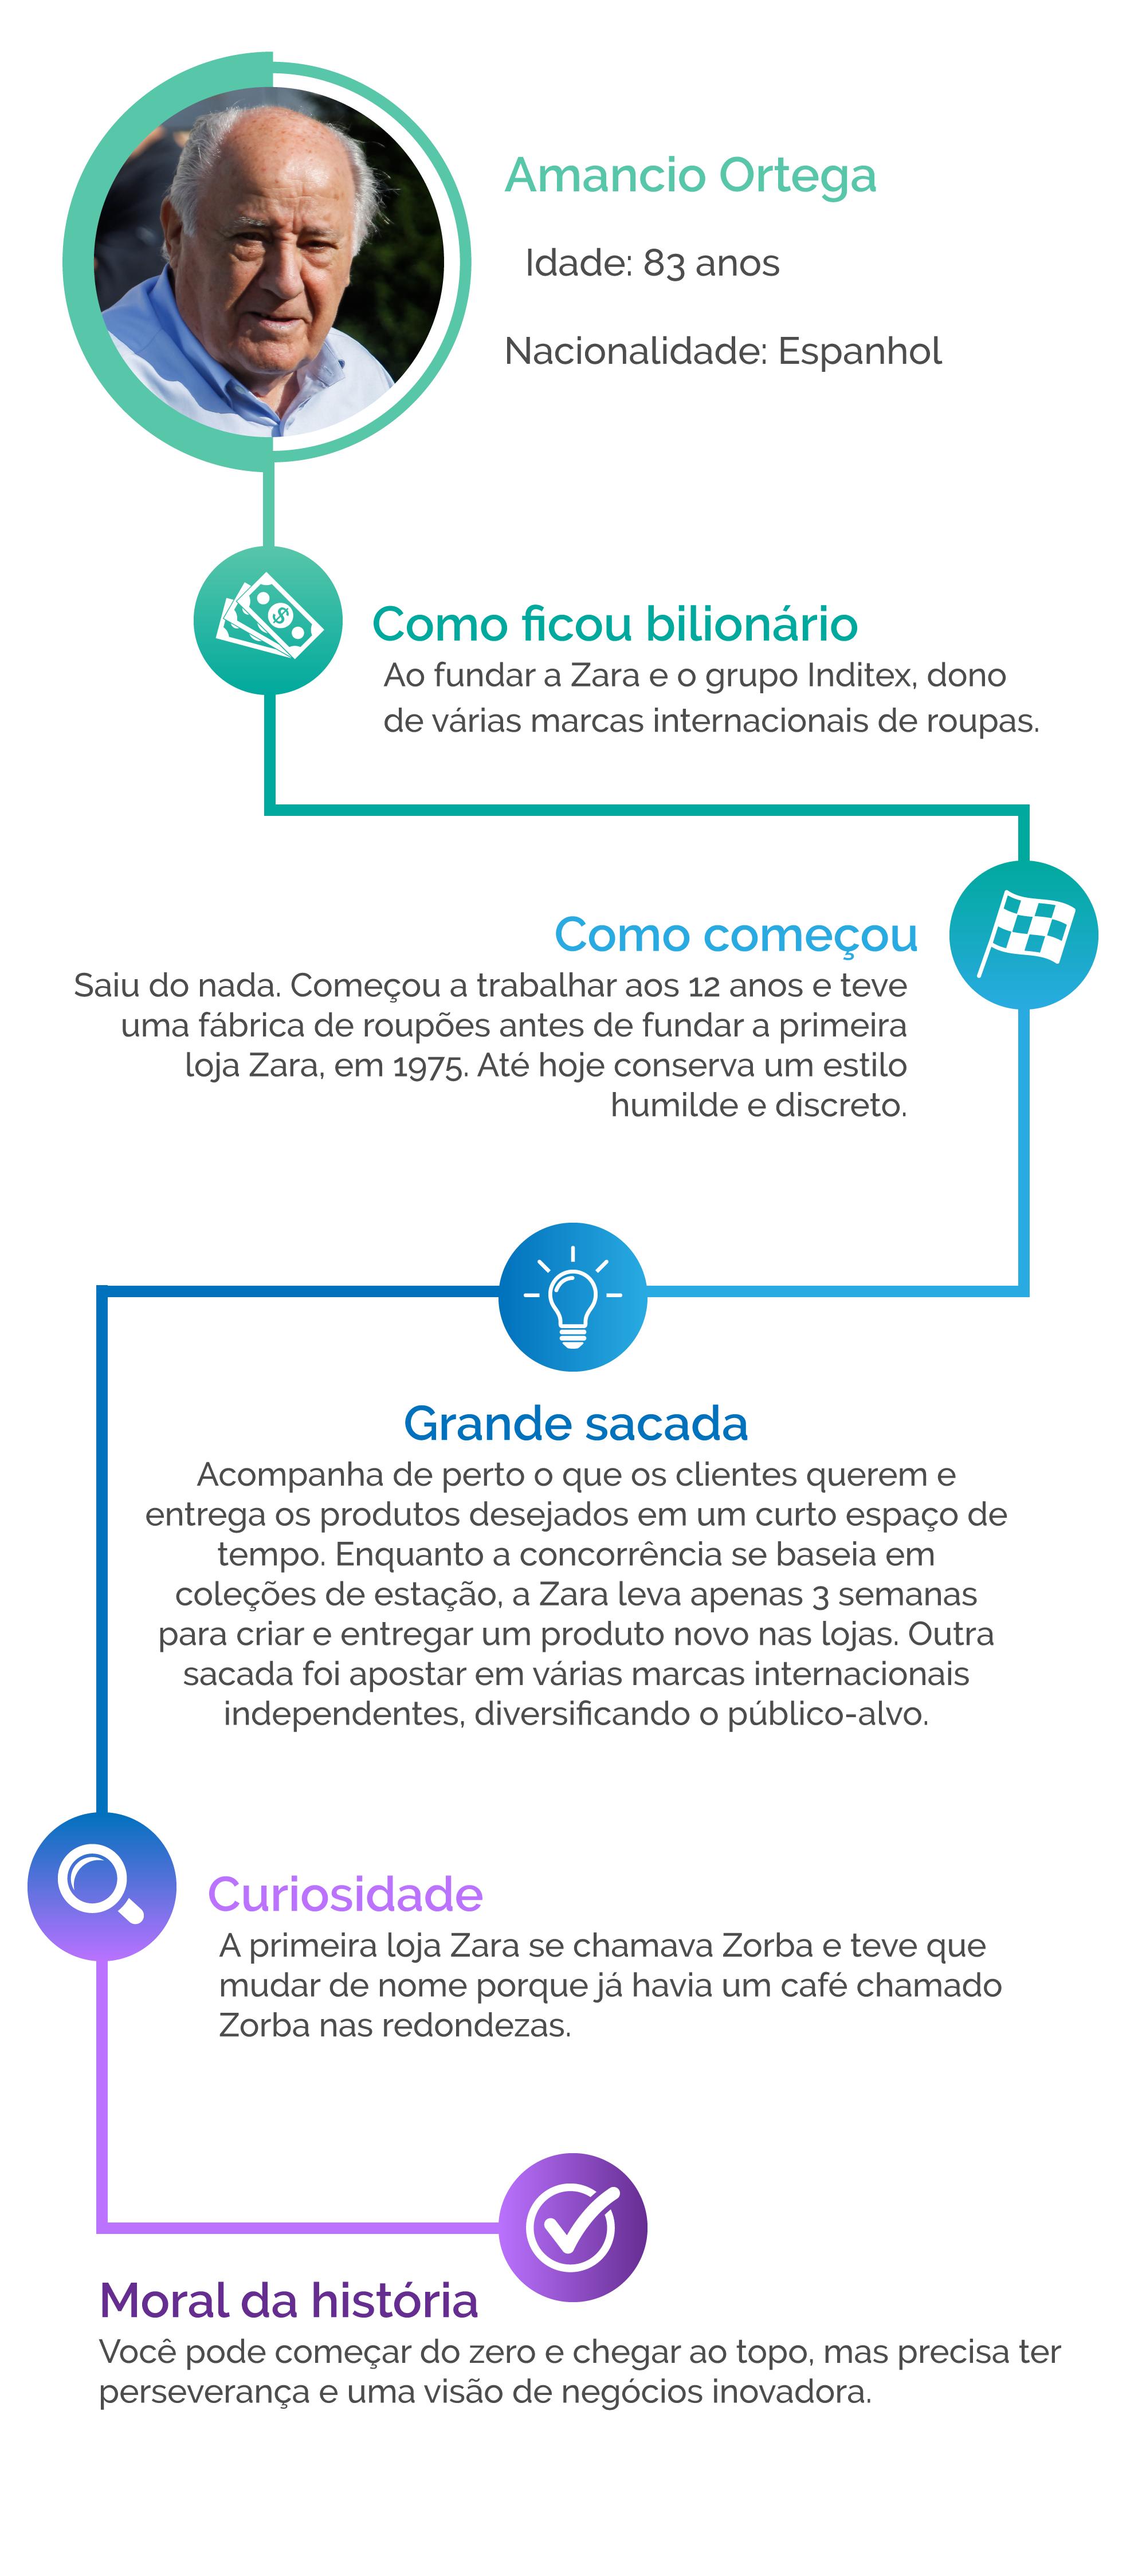 Resumo do perfil do empresário Amancio Ortega